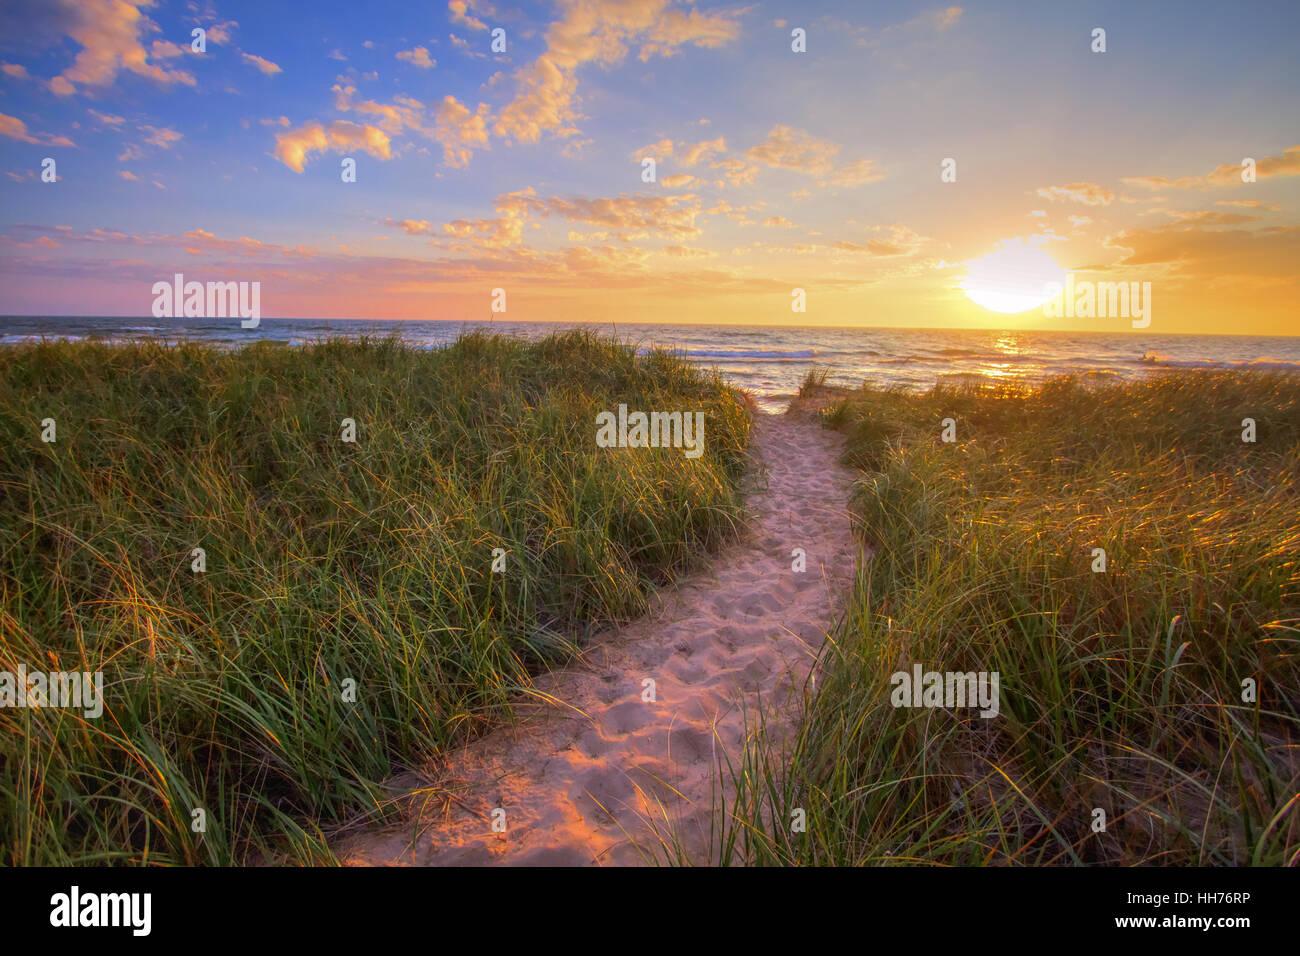 Chemin d'un coucher de soleil sur la plage. Sentier sinueux à travers dune grass mène à une plage Photo Stock